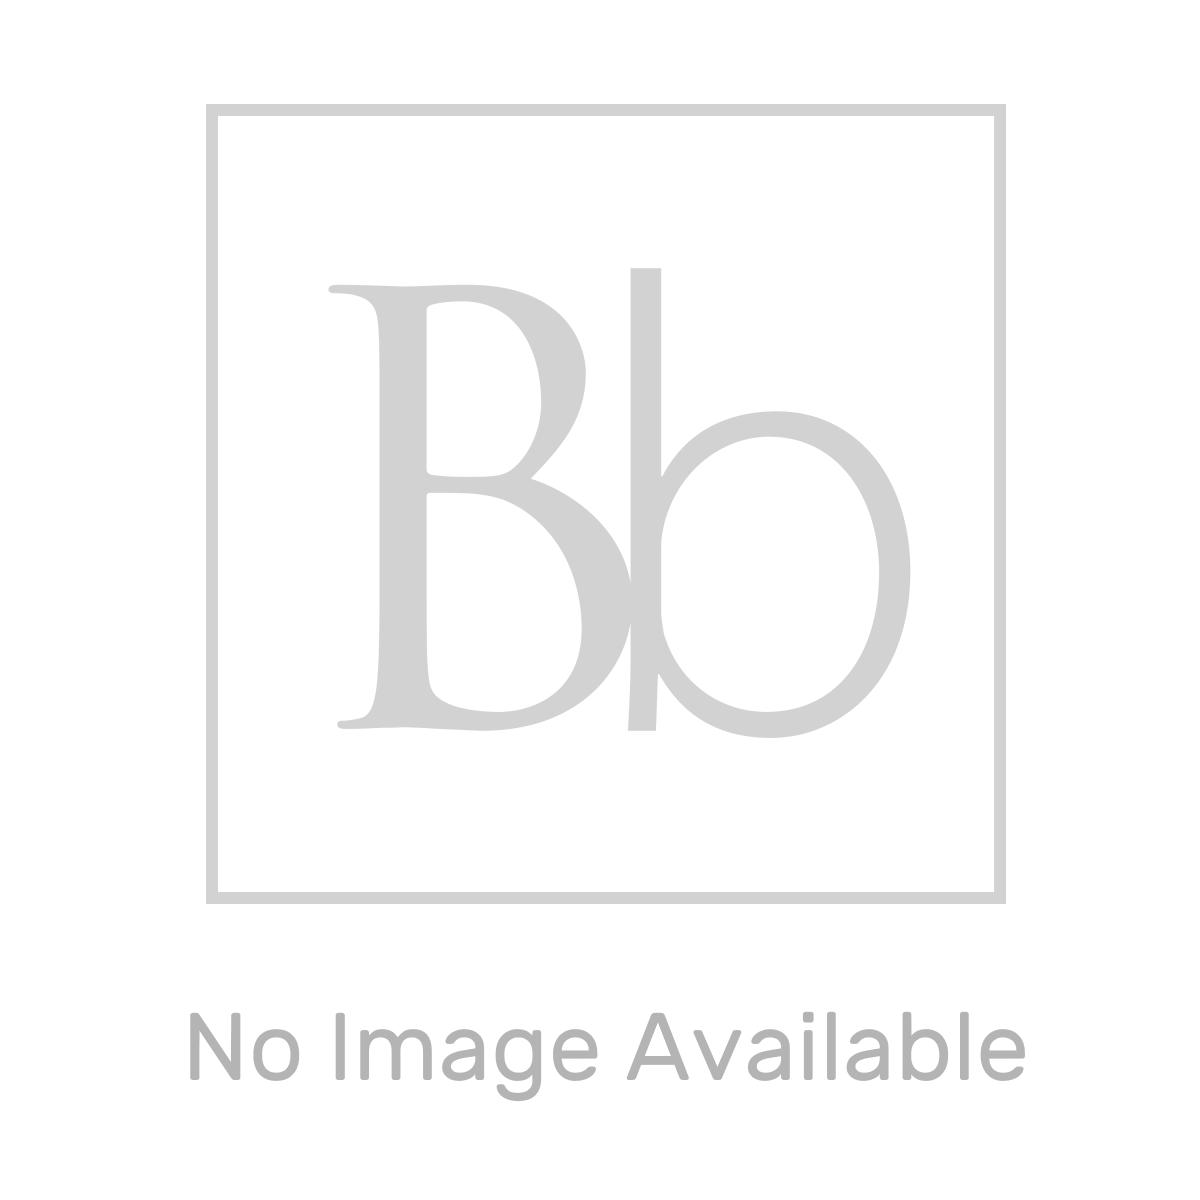 RAK Tonique Close Coupled Open Back Toilet Dimensions